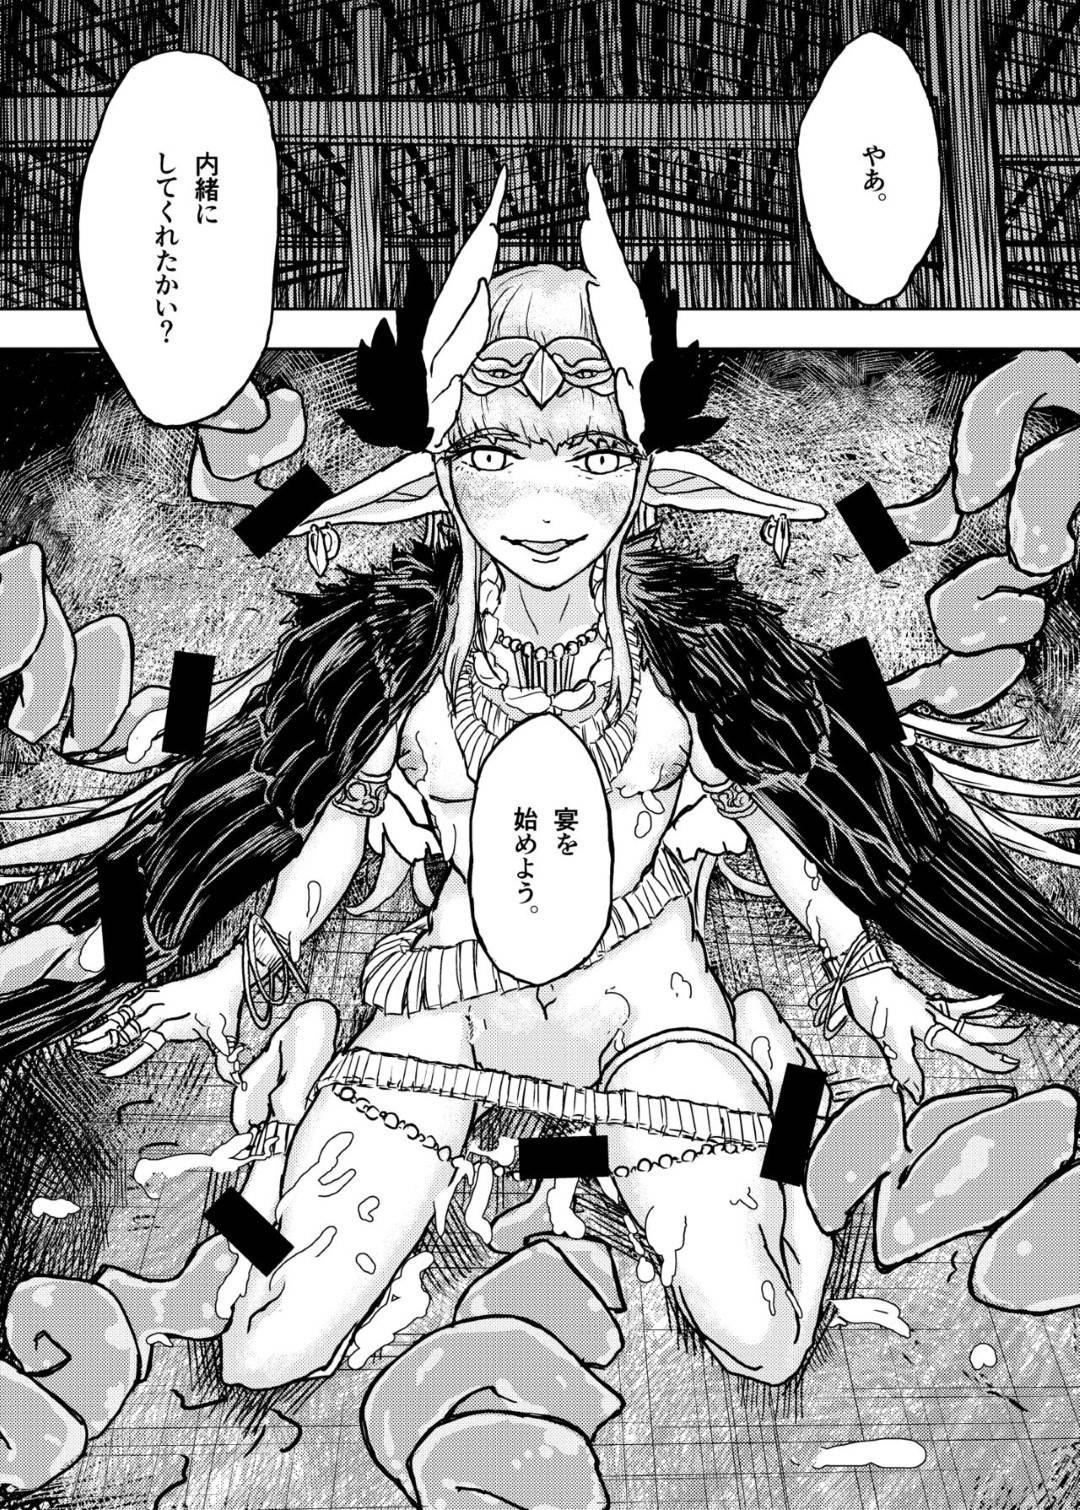 【fateエロ漫画】淫乱な魔女っ子が豚小屋で男と精子まみれでセックスしまくる。それを見て発情した豚がよってきて大量の豚に獣姦で中出しされる!【カキヤザクロ】